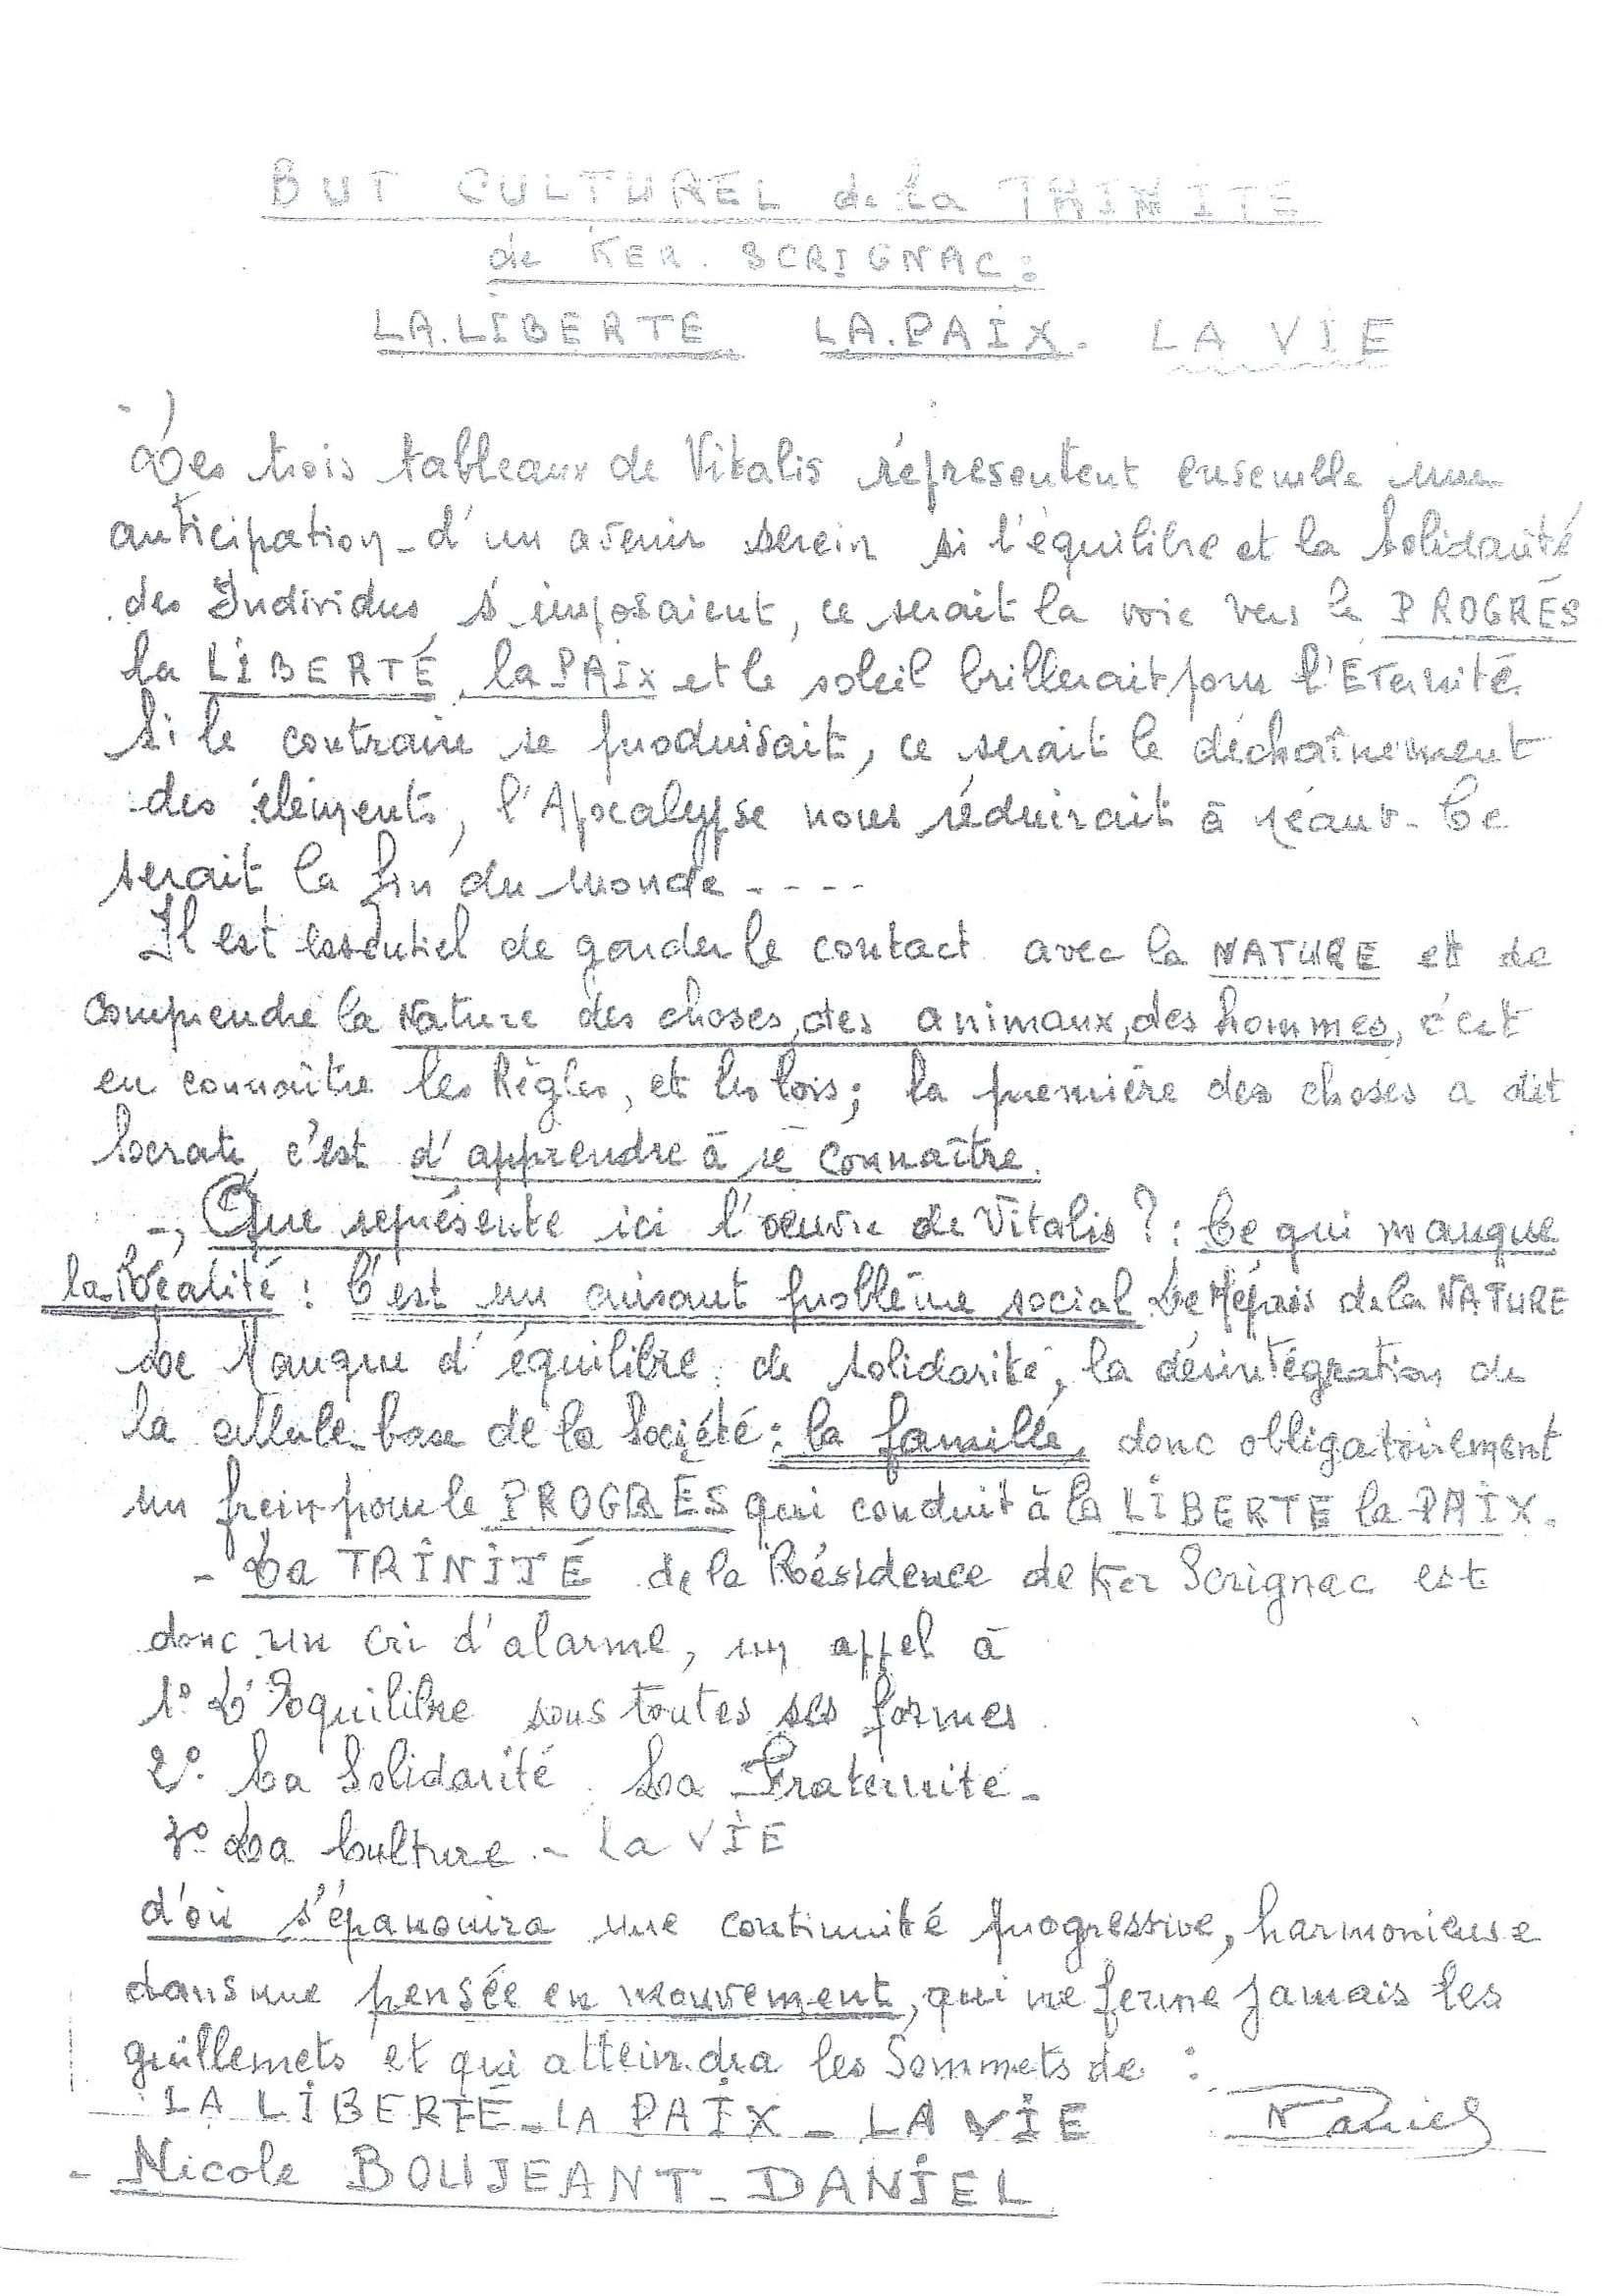 Etude-analytique-de-trois-tableaux-signés-Vitalsi-Nicole-Daniel-2